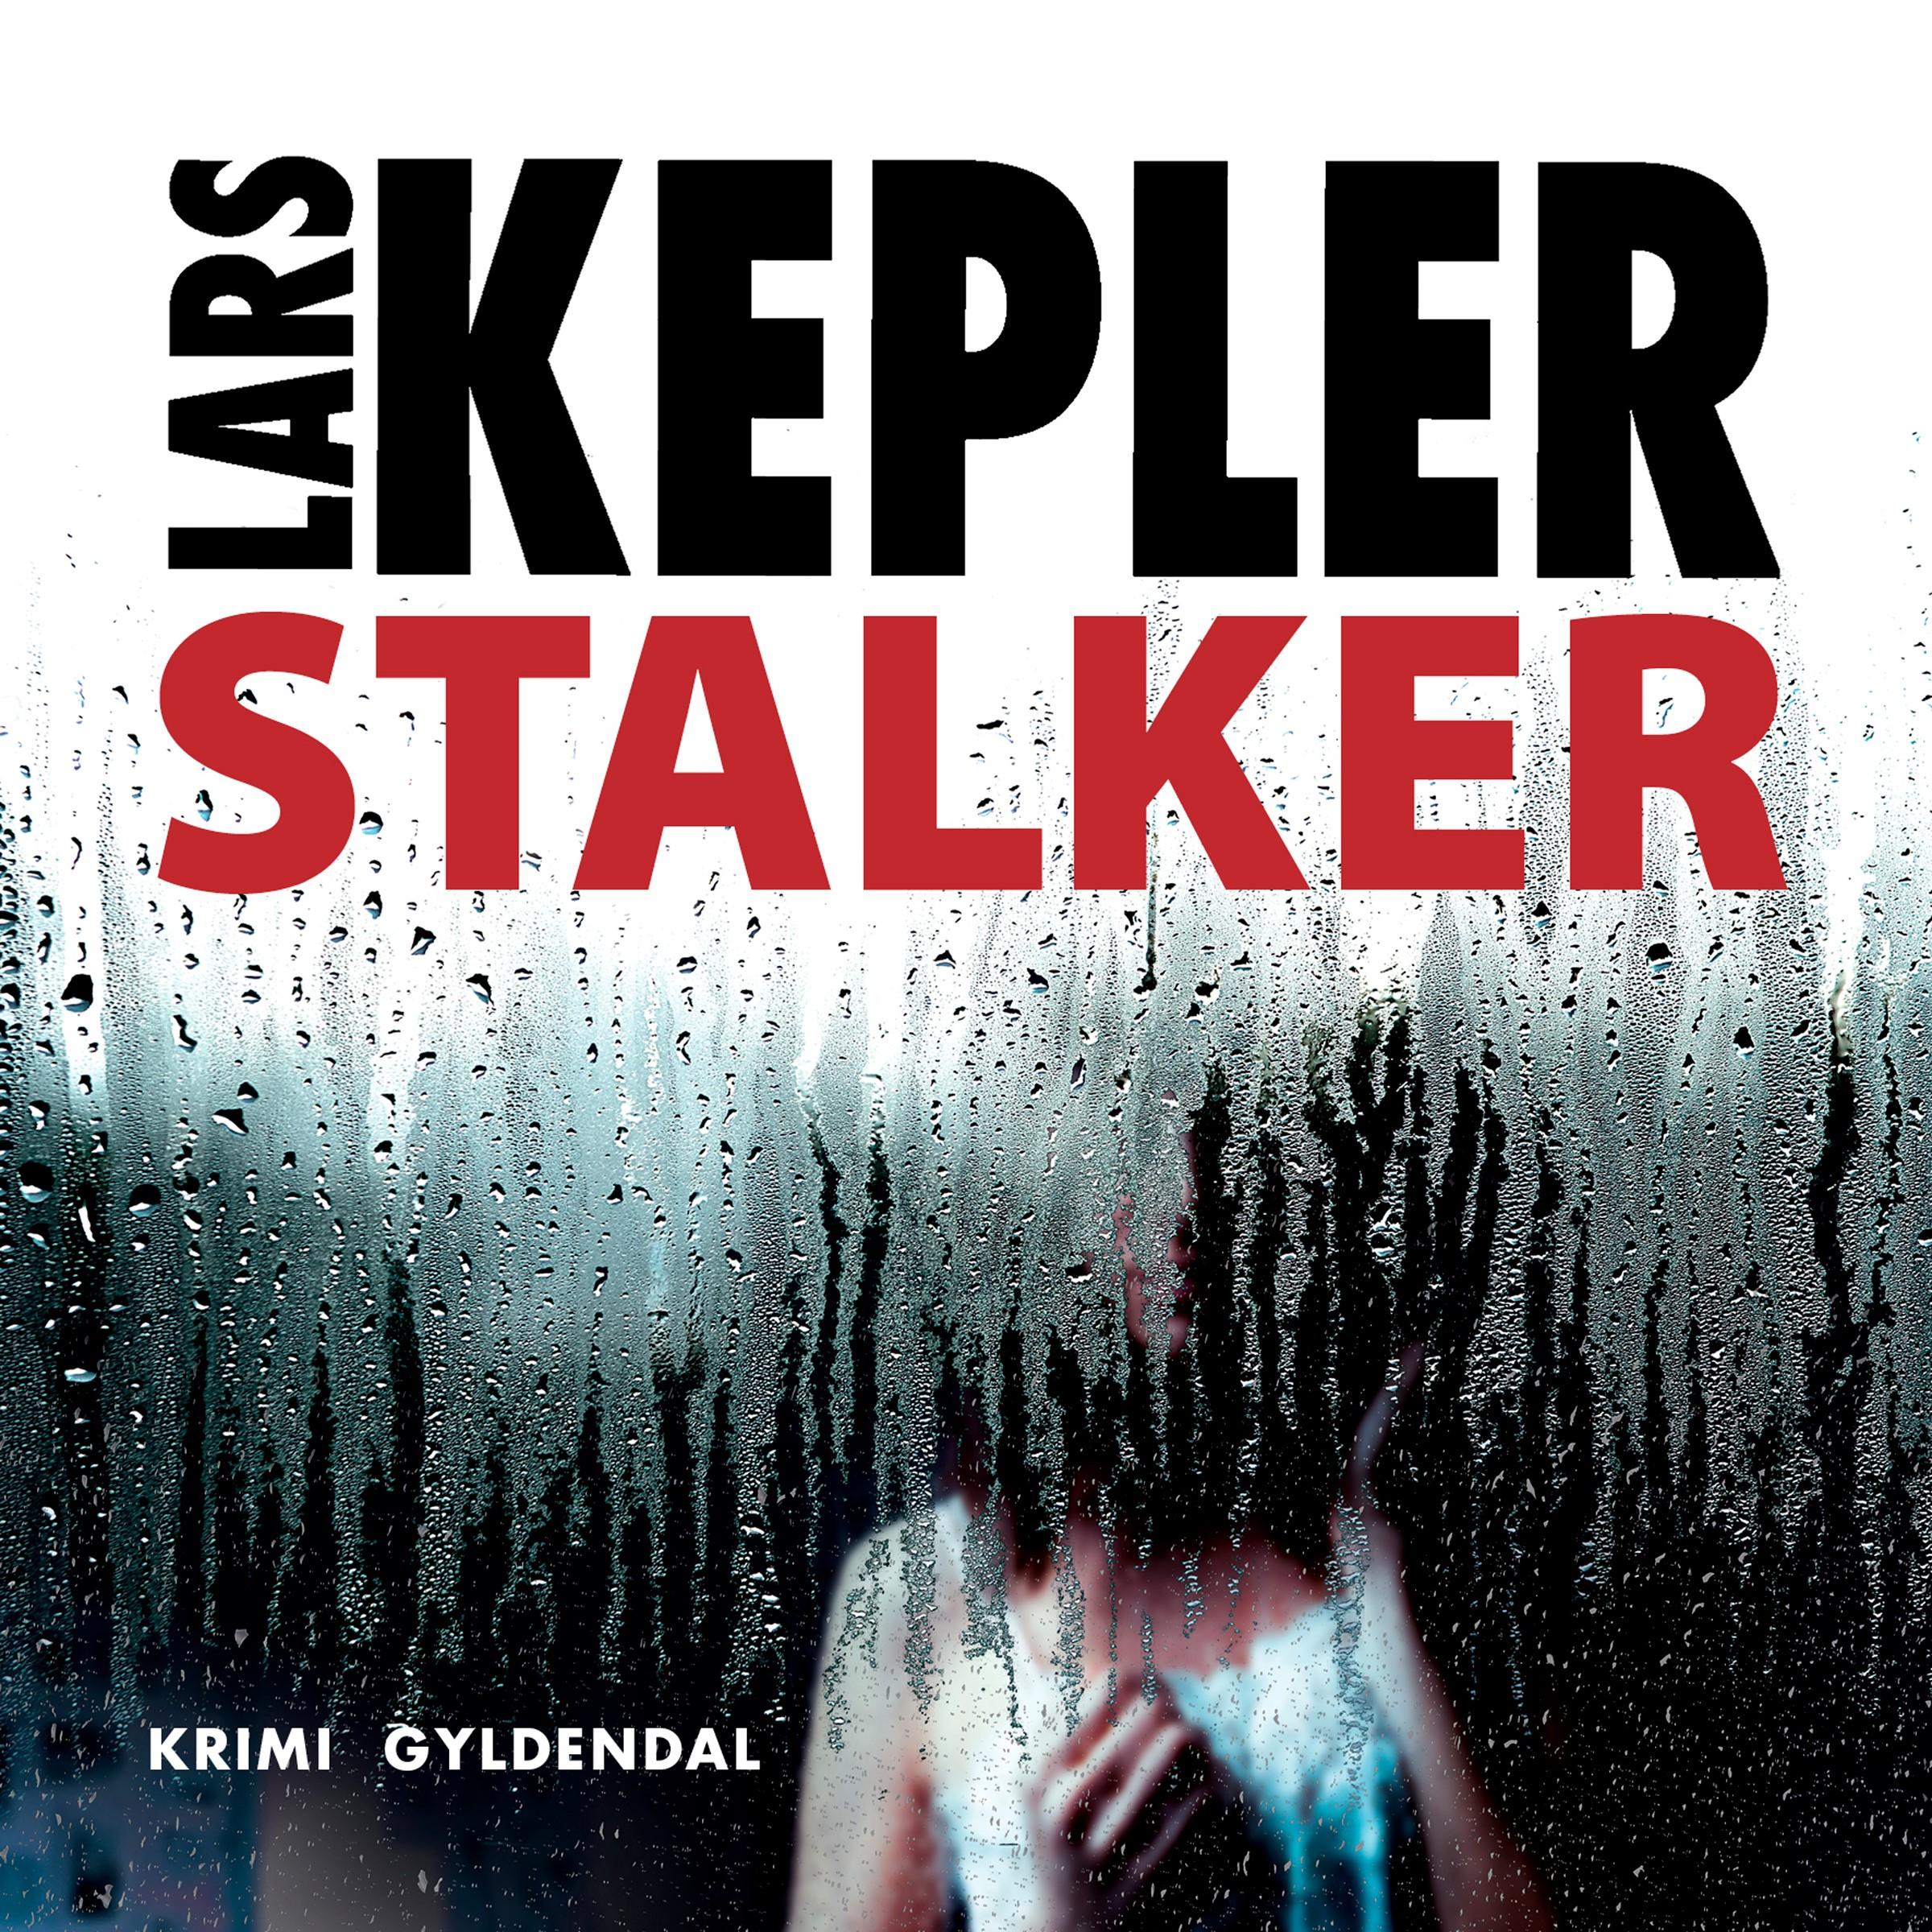 Stalker [5]